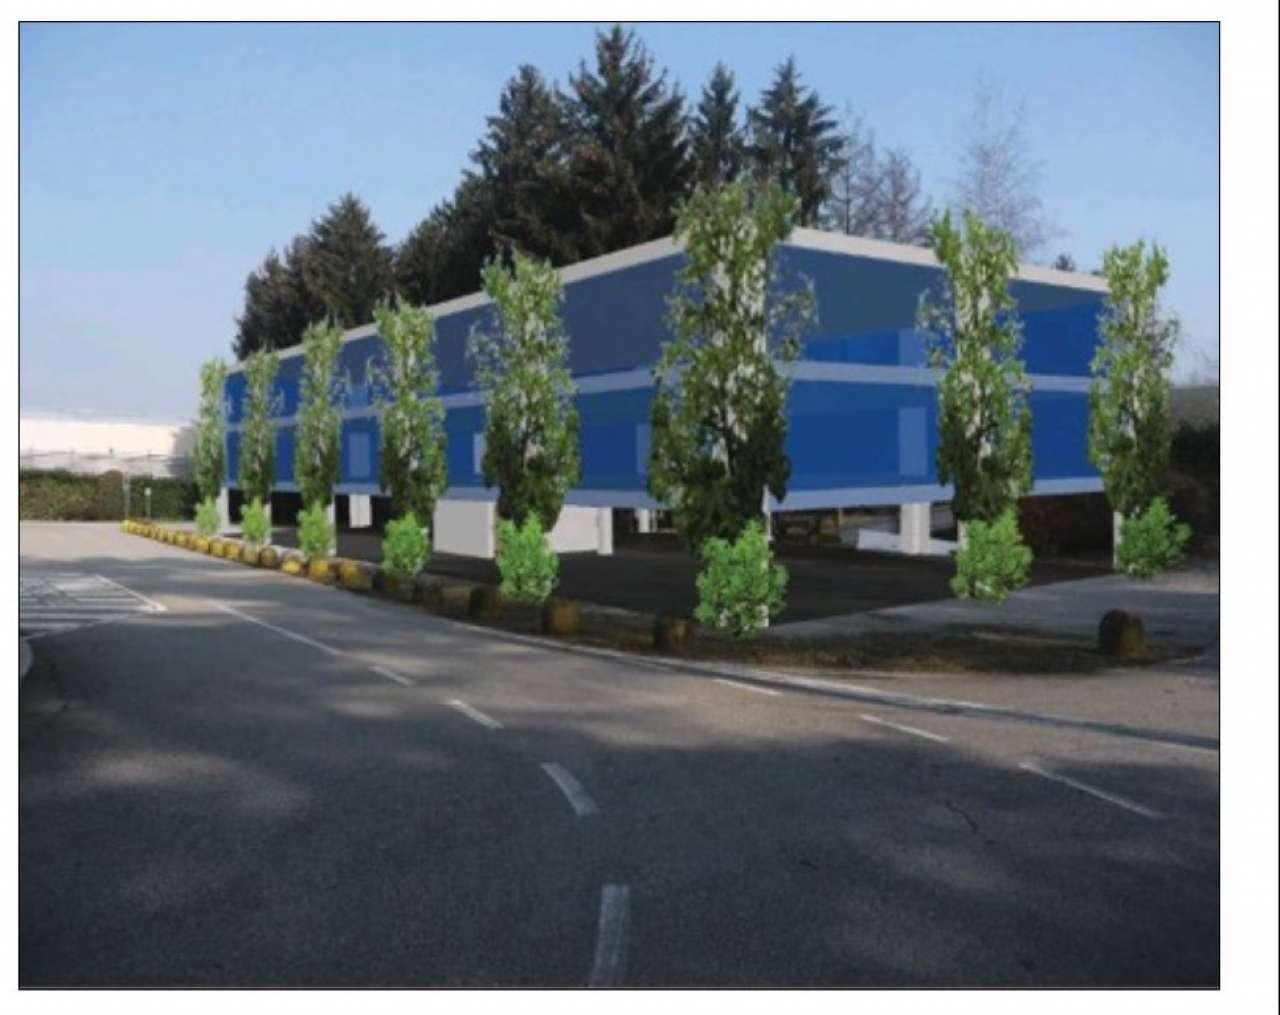 Ufficio / Studio in vendita a Fino Mornasco, 10 locali, prezzo € 1.500.000   CambioCasa.it